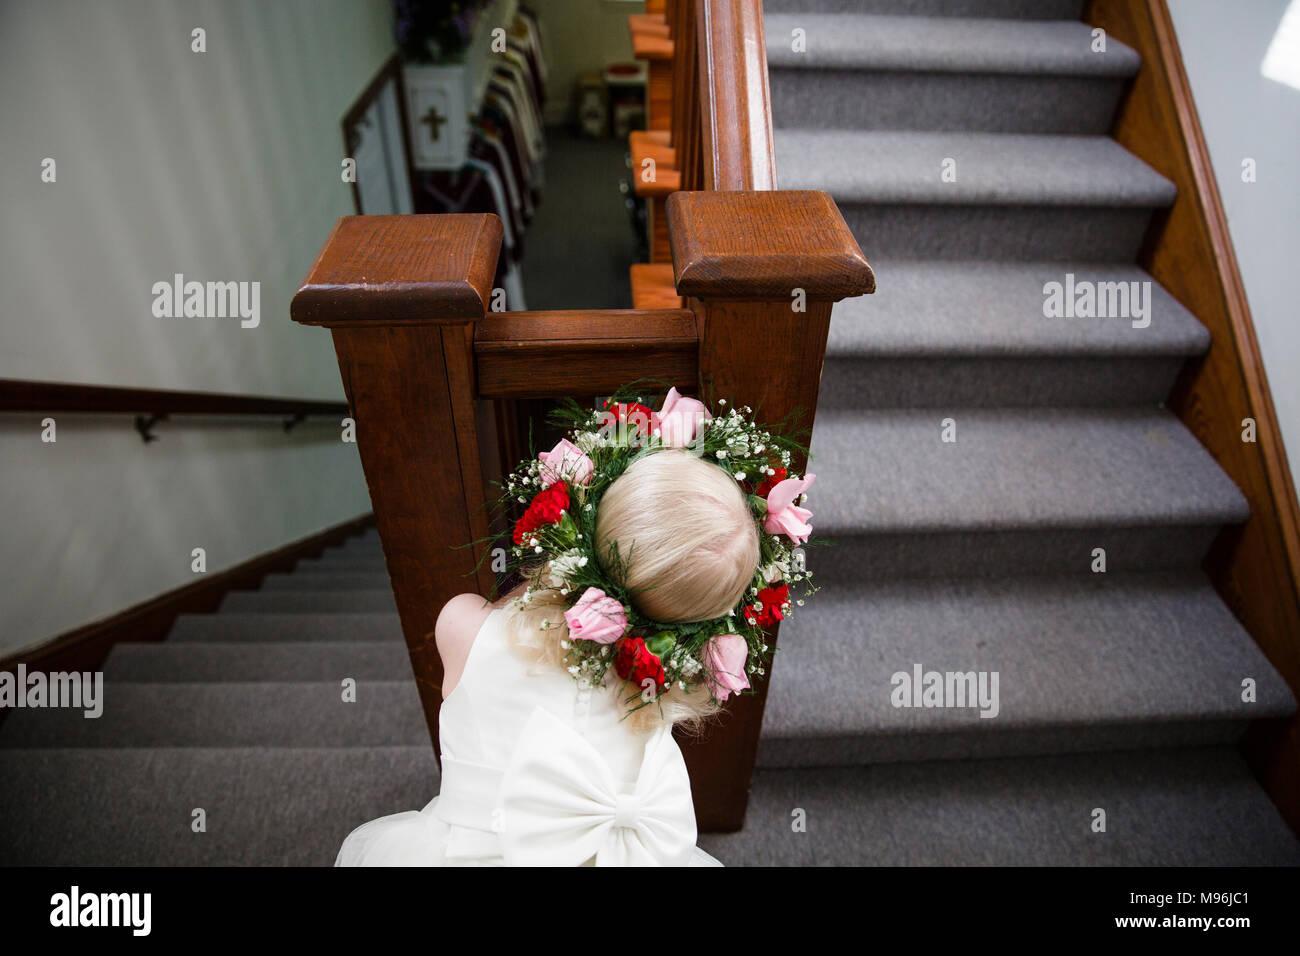 Ragazza in abito bianco cerca attraverso ringhiere per scale Immagini Stock